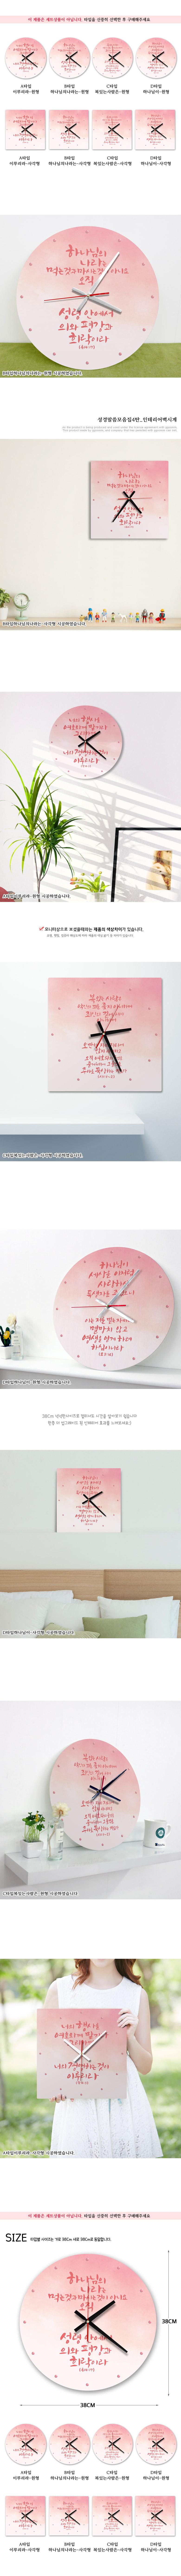 ck103-성경말씀모음집4탄_인테리어벽시계 - 꾸밈, 22,400원, 벽시계, 무소음/저소음